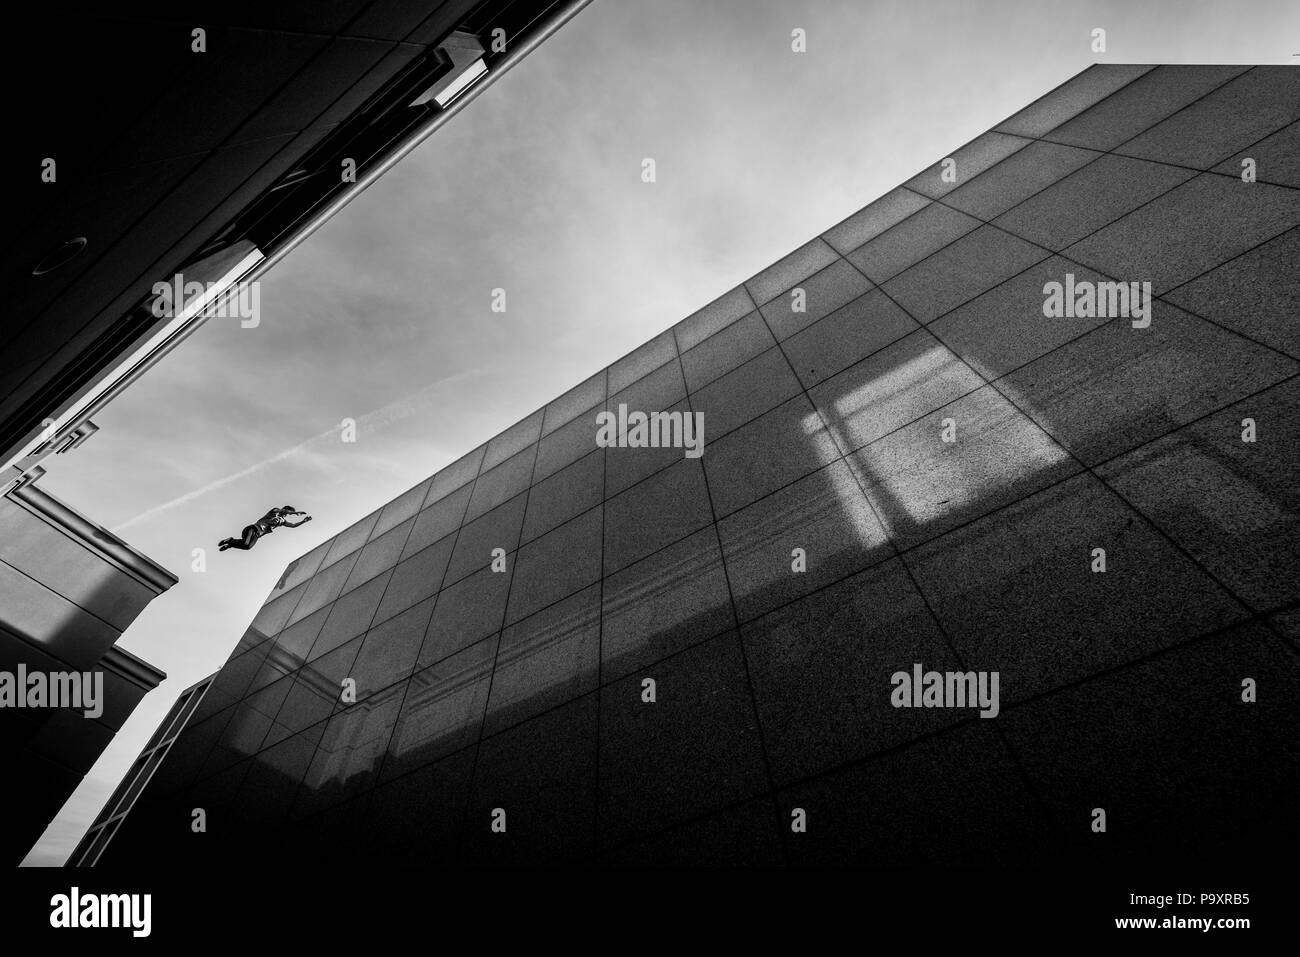 Vista desde abajo del Parkour atleta masculino saltando de un techo a otro Imagen De Stock